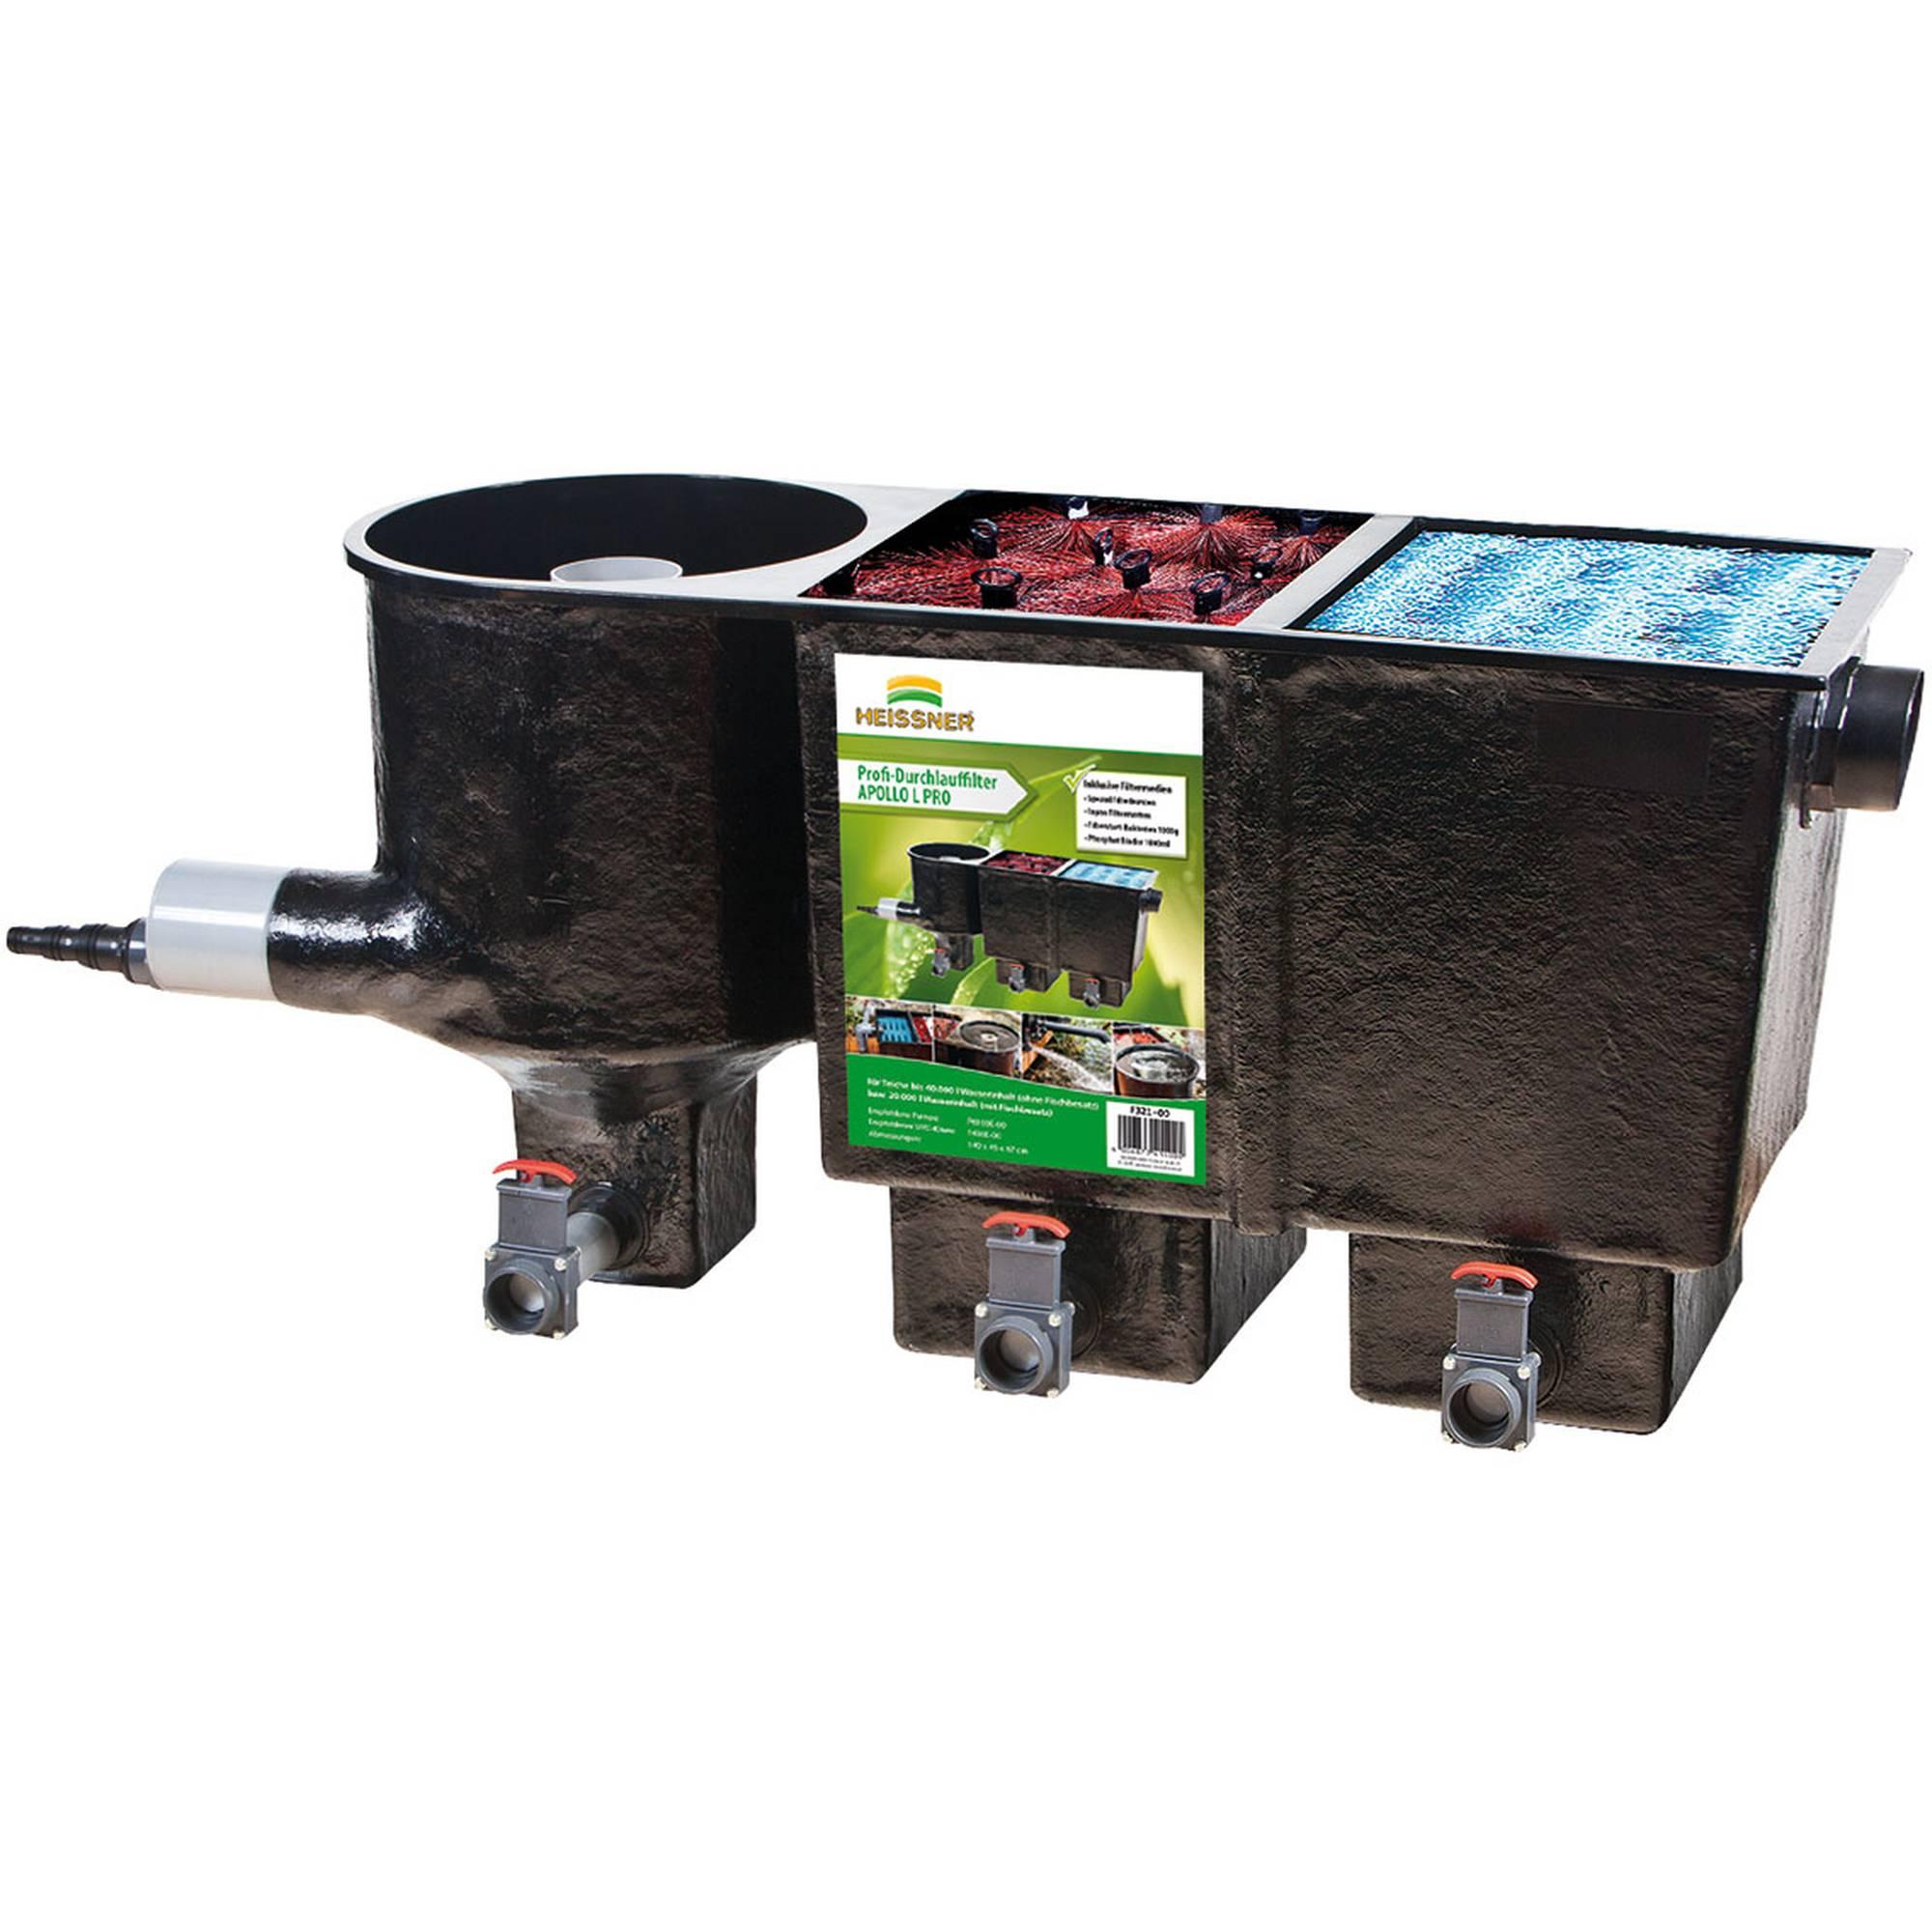 Teichfilter APOLLO L mit Vortex und 2 Filterkammern, bestückt